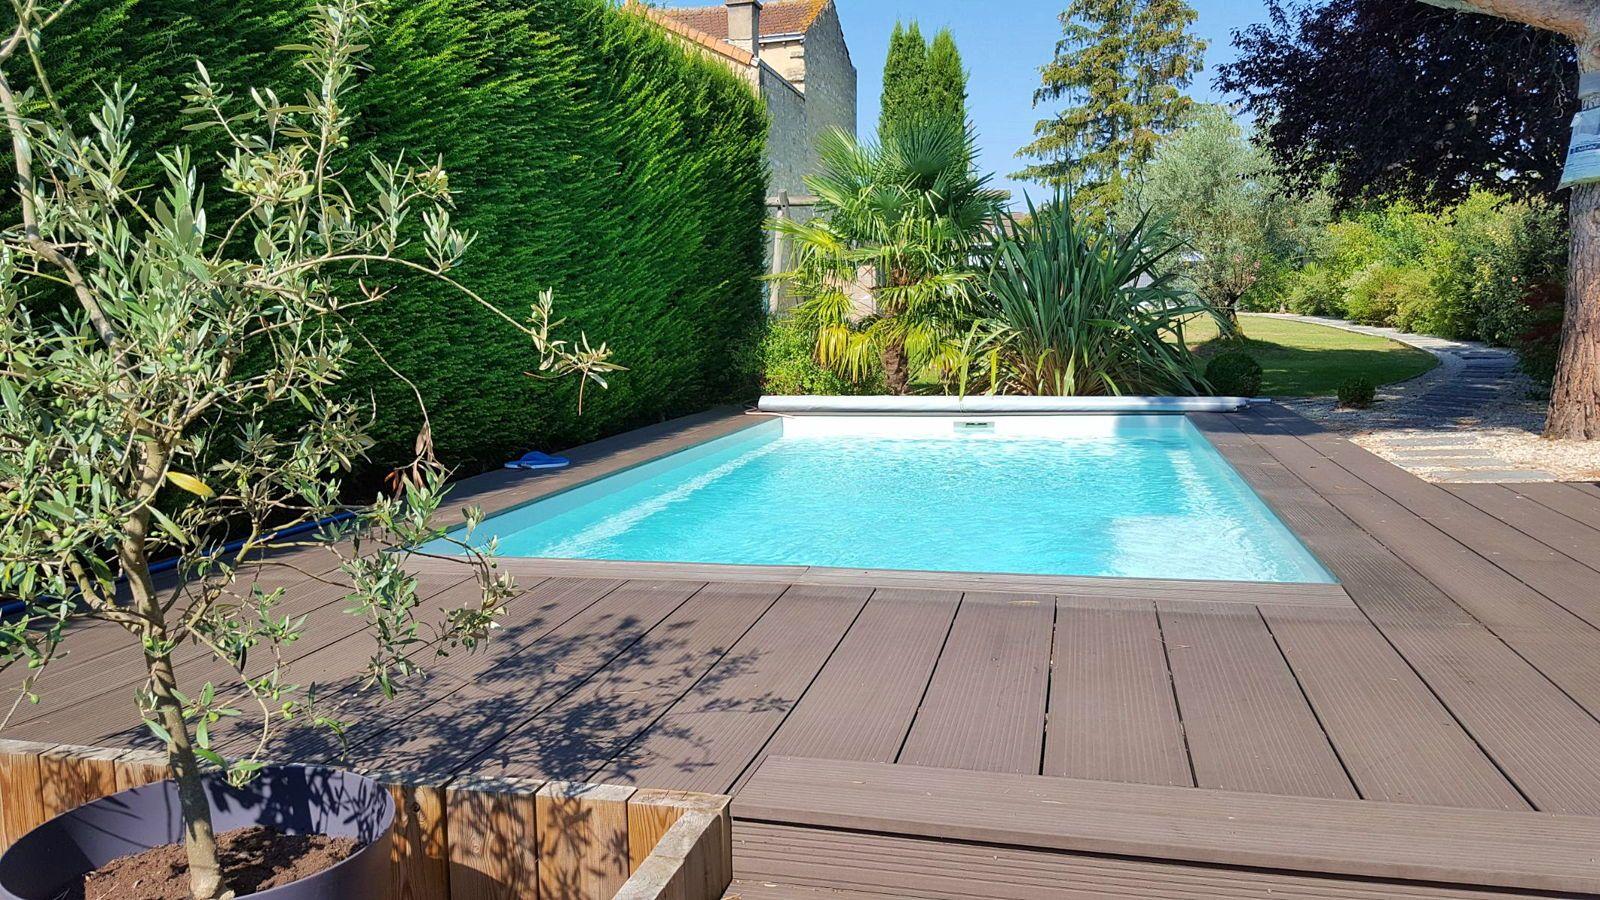 Vends maison 7chambres + piscine, Poitiers, haut du pont neuf - 260m²